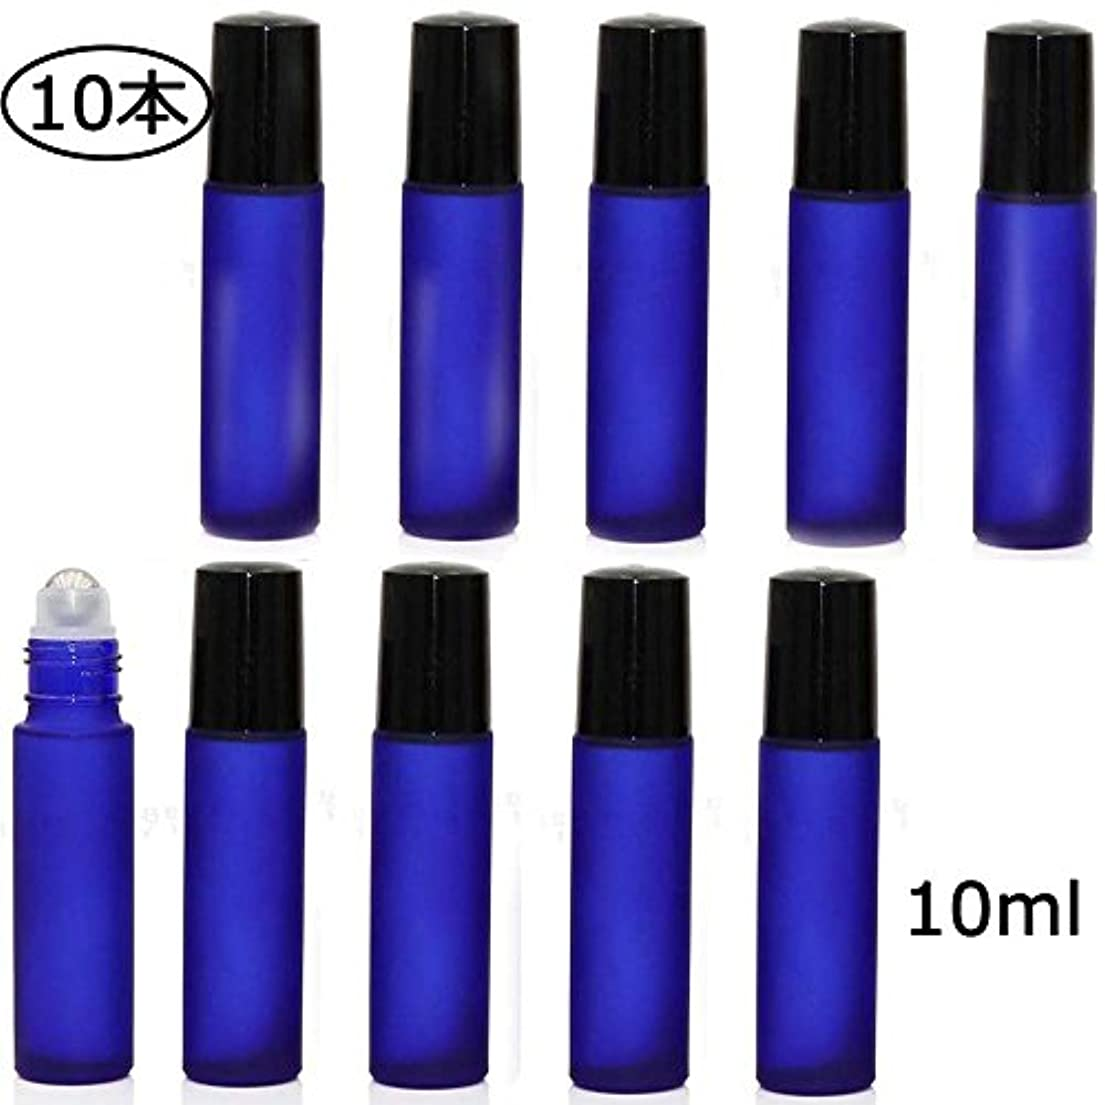 柔和タイムリーな薄暗いロールオンボトル アロマオイル 精油 小分け用 遮光瓶 10ml 10本セット ガラスロールタイプ (ブルー)